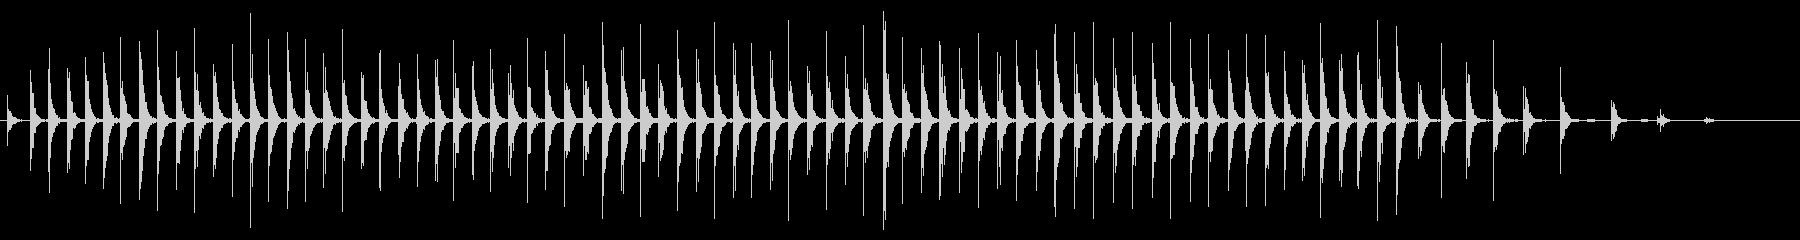 大理石の床:カウボーイブーツ:実行...の未再生の波形